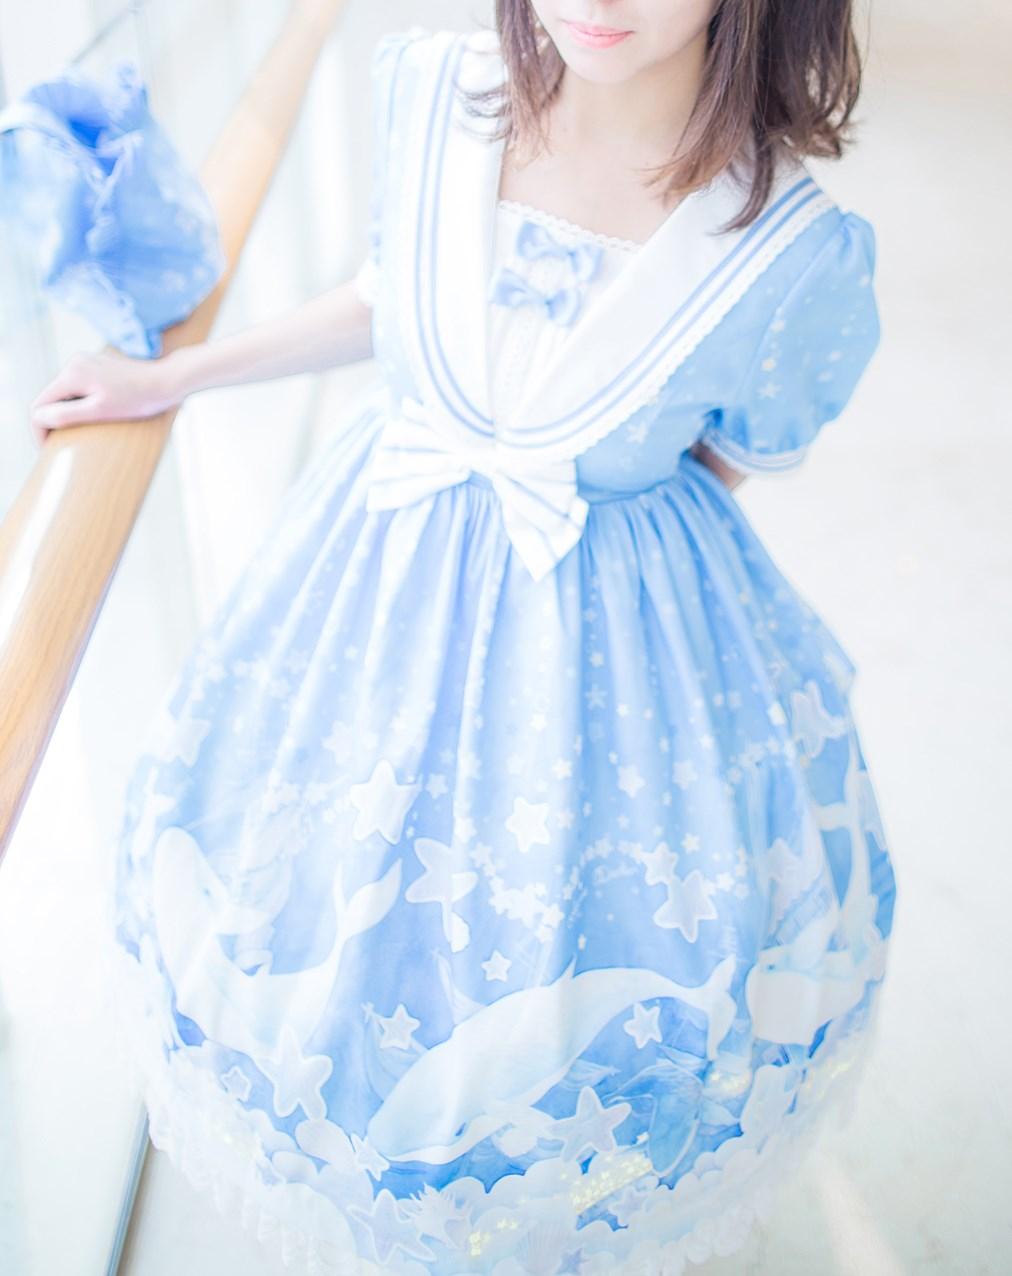 【兔玩映画】蓝色的LO娘 兔玩映画 第14张